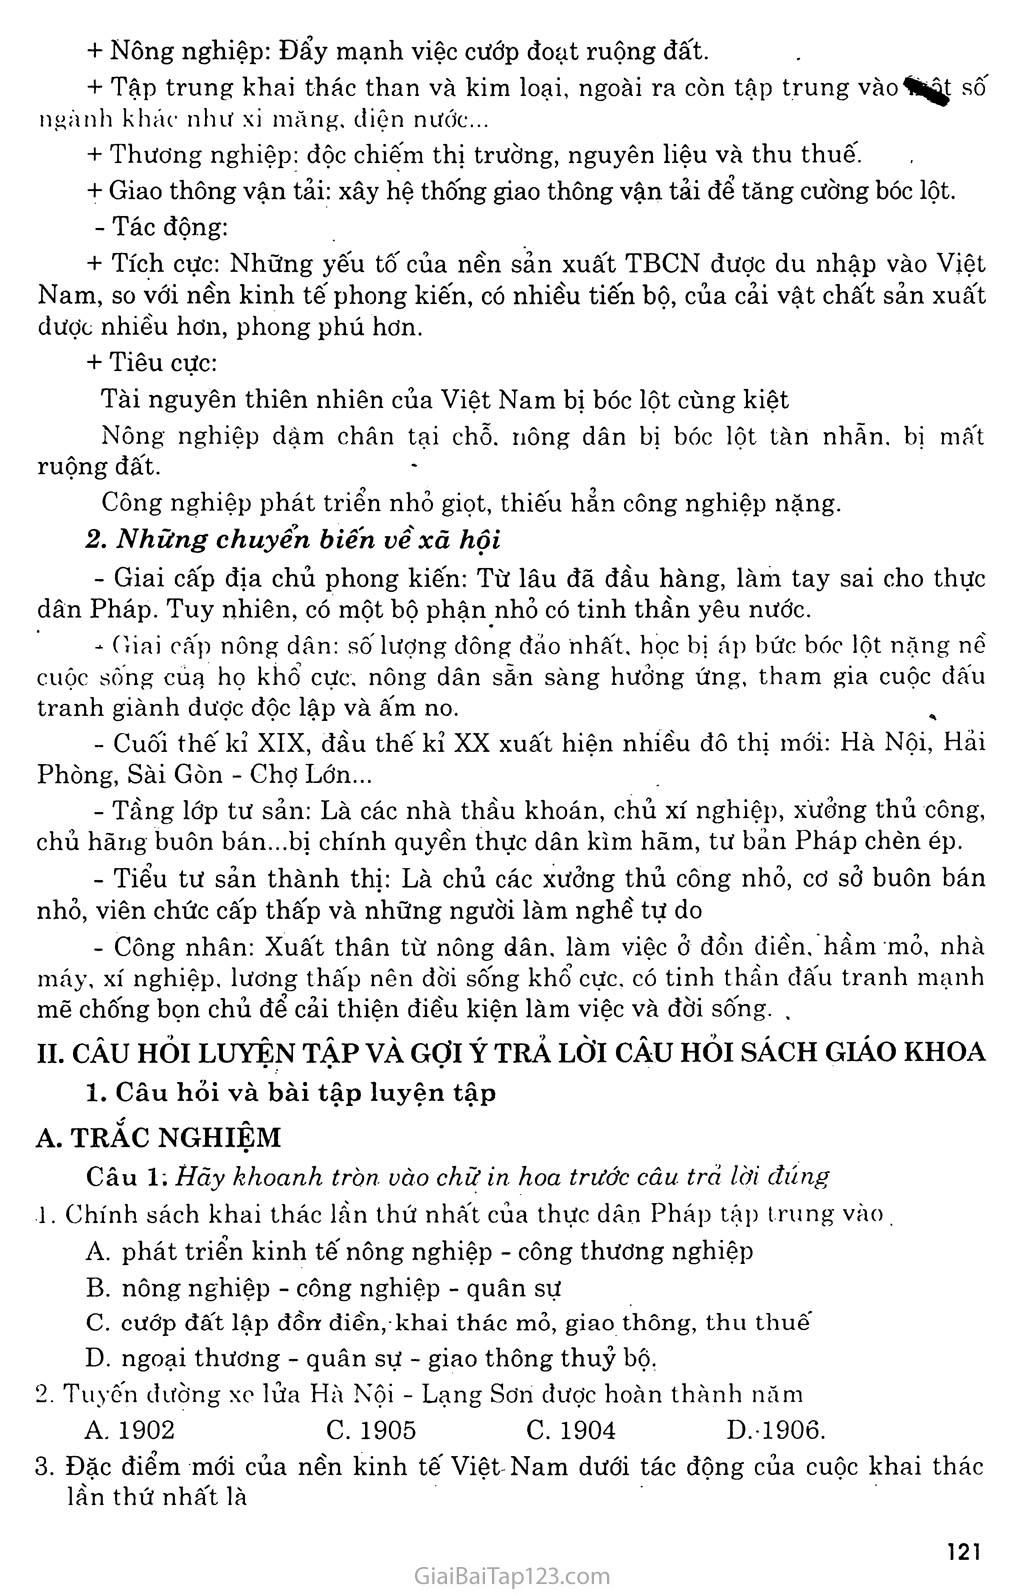 Bài 22: Xã hội Việt Nam trong cuộc khai thác lần thứ nhất của thực dân Pháp trang 2